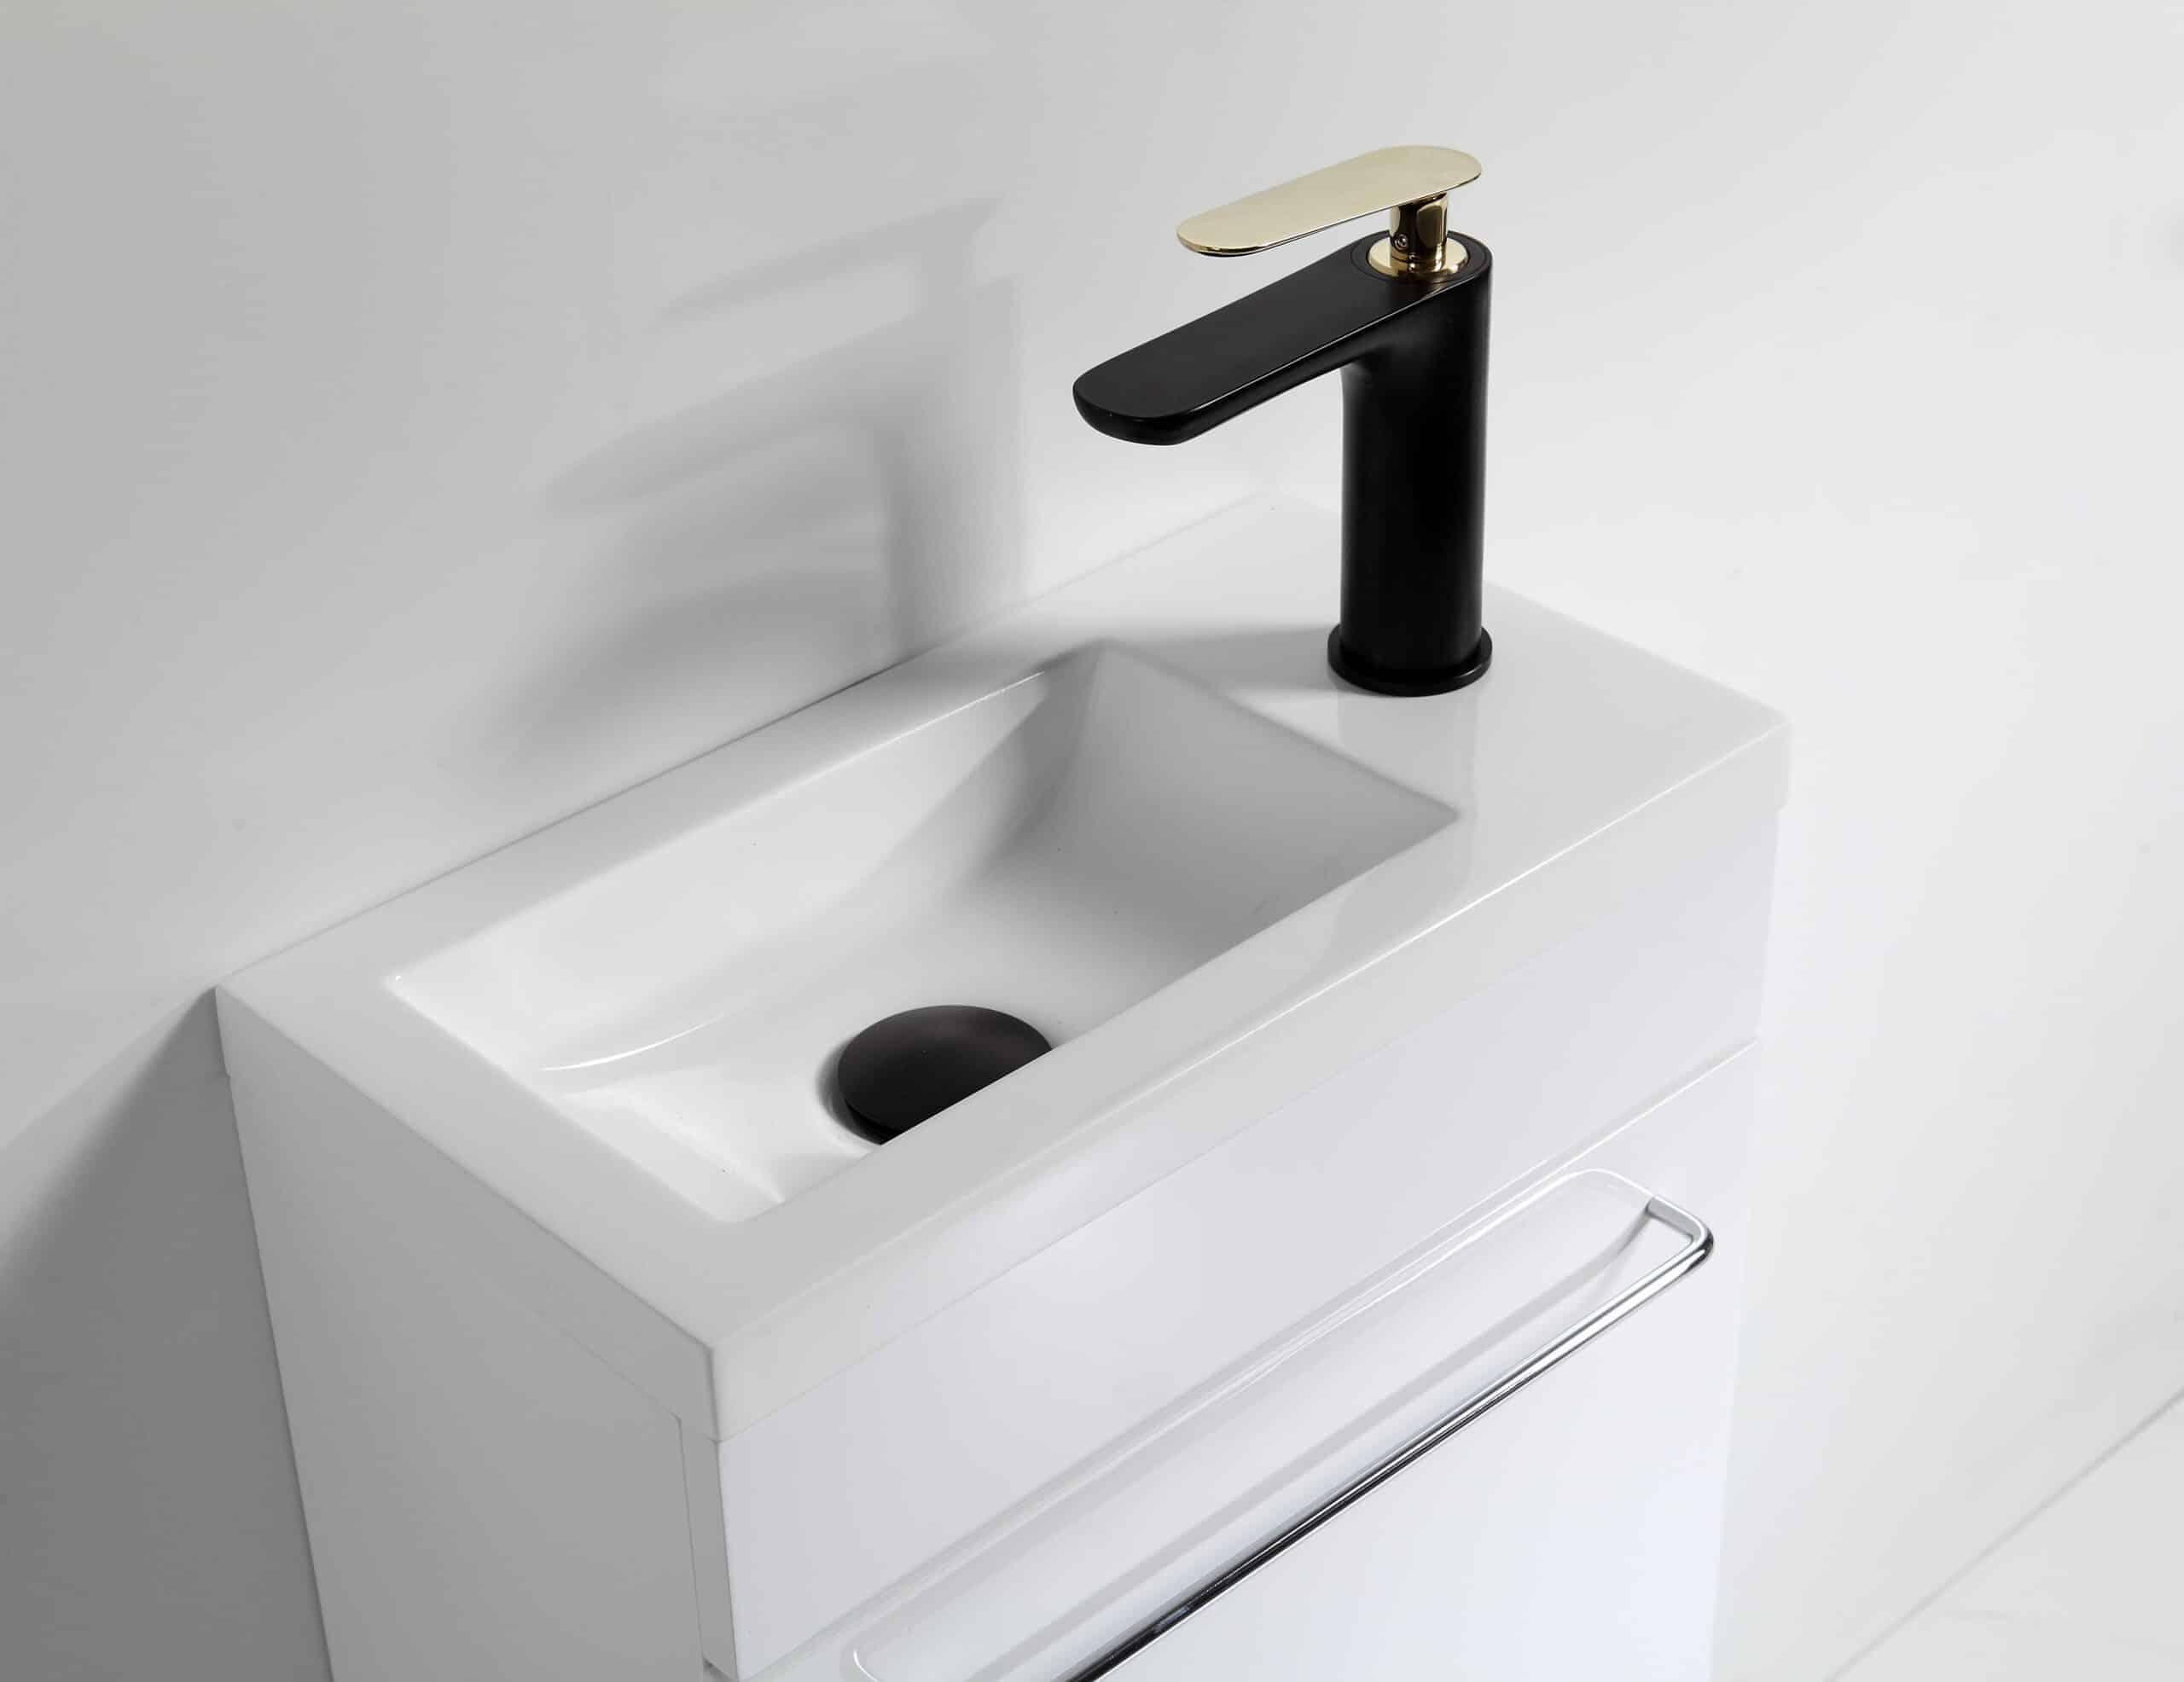 ארון אמבטיה דגם מיני